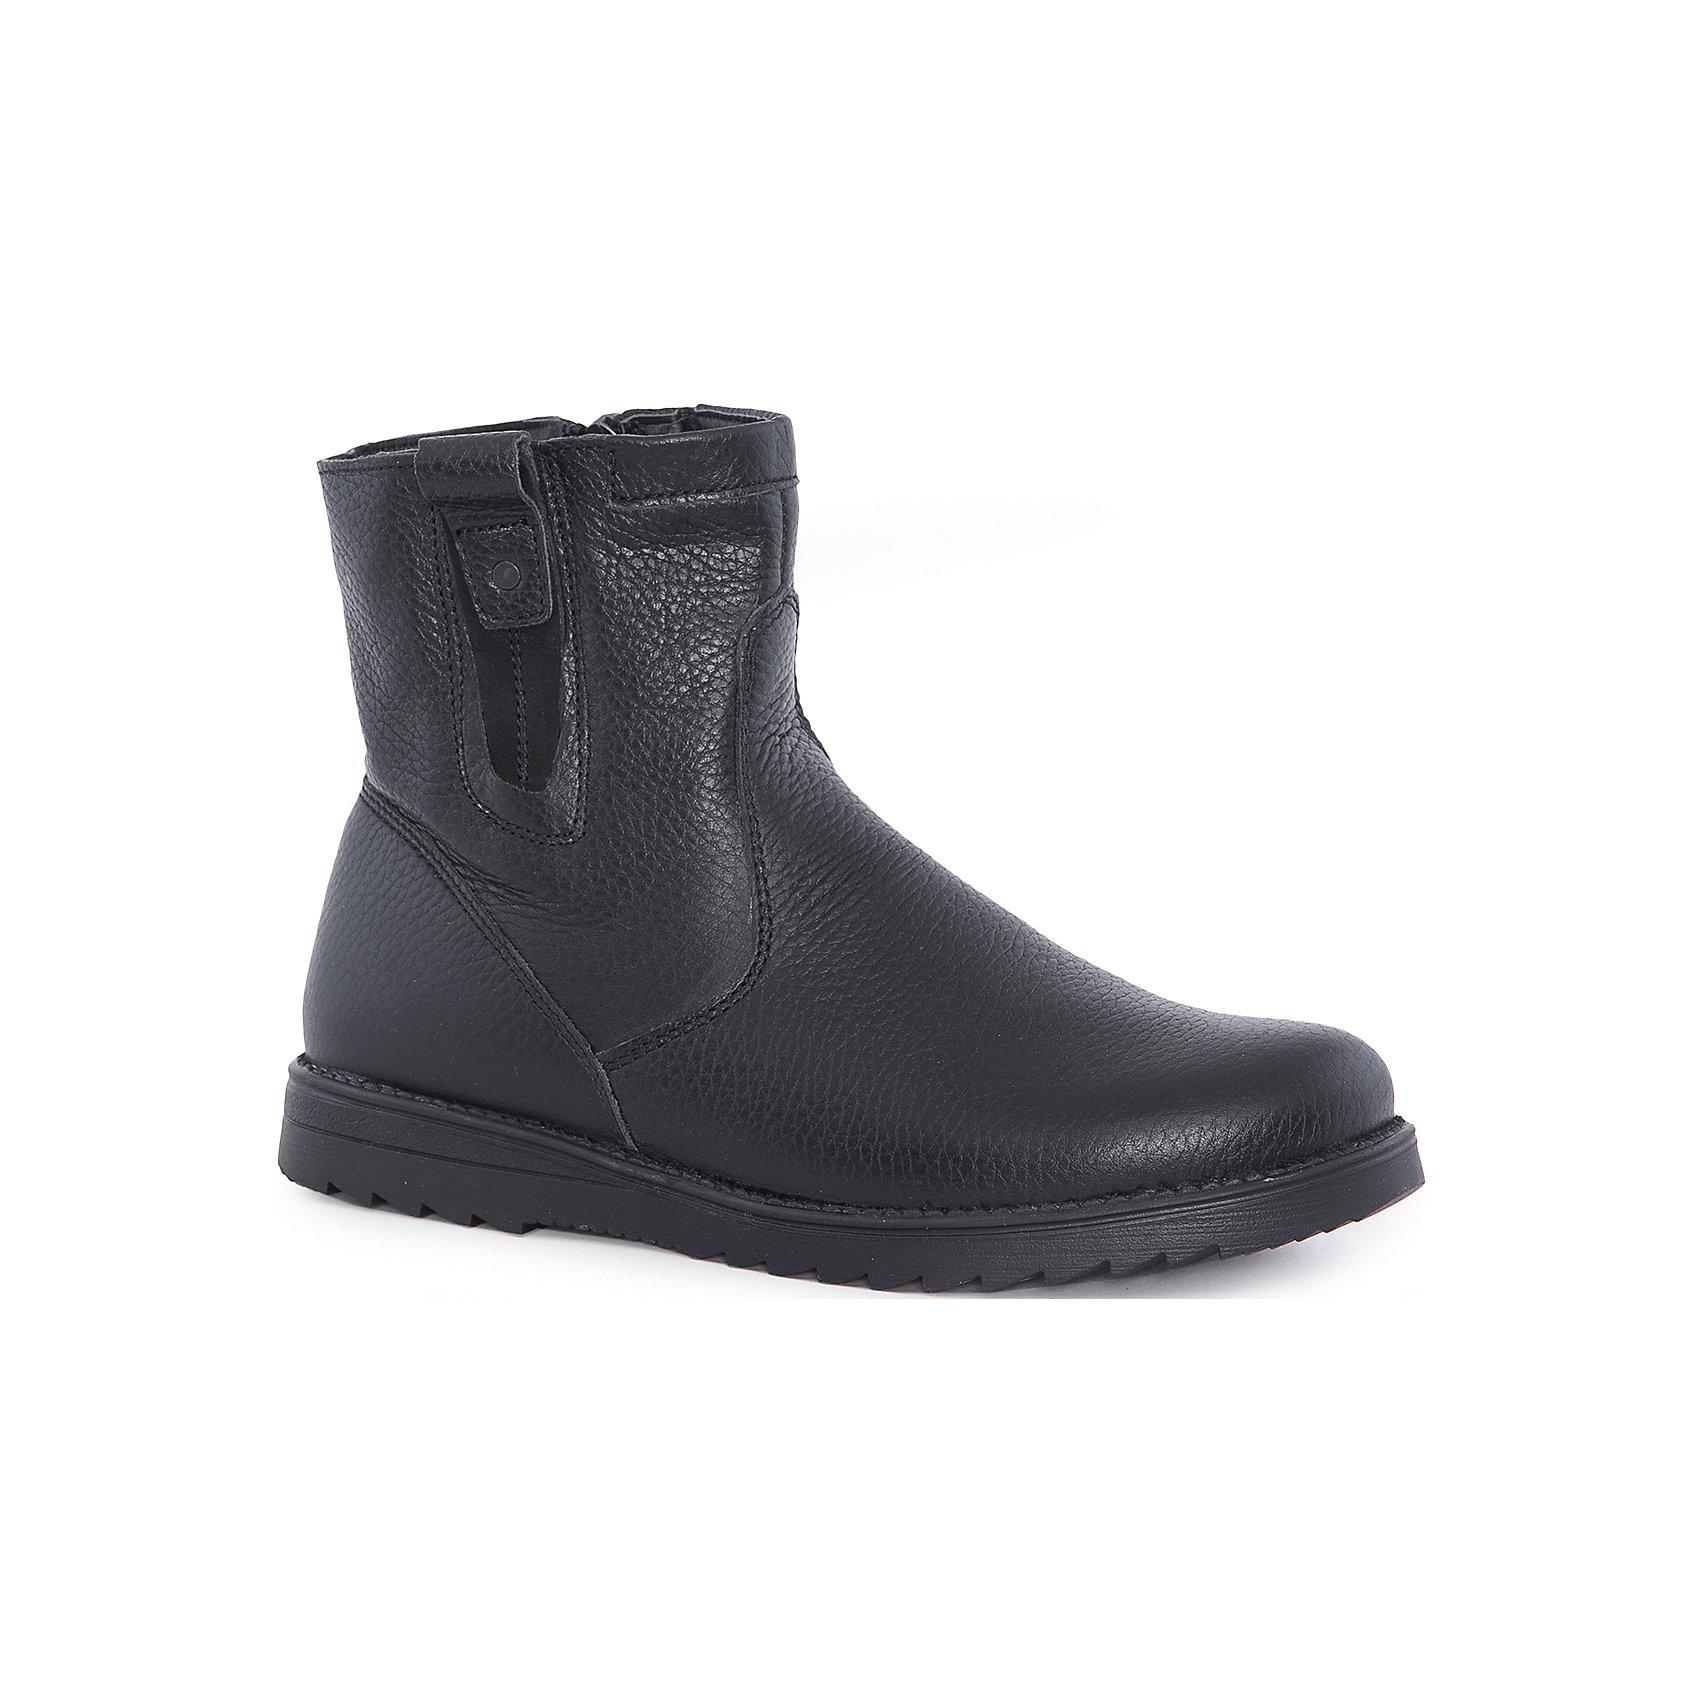 Ботинки для мальчика MursuОбувь<br>Ботинки для мальчика MURSU (Мурсу).<br><br>Характеристики:<br><br>• цвет: черный<br>• температурный режим до -25С<br>• материал верха: натуральная кожа <br>• внутренний материал: натуральная шерсть<br>• стелька: натуральная шерсть<br>• подошва: ТЭП<br>• застежка-молния сбоку <br>• сезон: зима<br><br>Легкие и практичные ботинки MURSU обеспечат тепло и комфорт во время прогулок. Ботинки застегиваются на молнию и имеют рифленую подошву, обладающую хорошей устойчивостью. Классические черные ботинки прекрасно сочетаются с любой одеждой.<br><br>Ботинки для мальчика MURSU (Мурсу) можно купить в нашем интернет-магазине.<br><br>Ширина мм: 262<br>Глубина мм: 176<br>Высота мм: 97<br>Вес г: 427<br>Цвет: черный<br>Возраст от месяцев: 144<br>Возраст до месяцев: 156<br>Пол: Мужской<br>Возраст: Детский<br>Размер: 36,37,34,35,33,32<br>SKU: 4862729